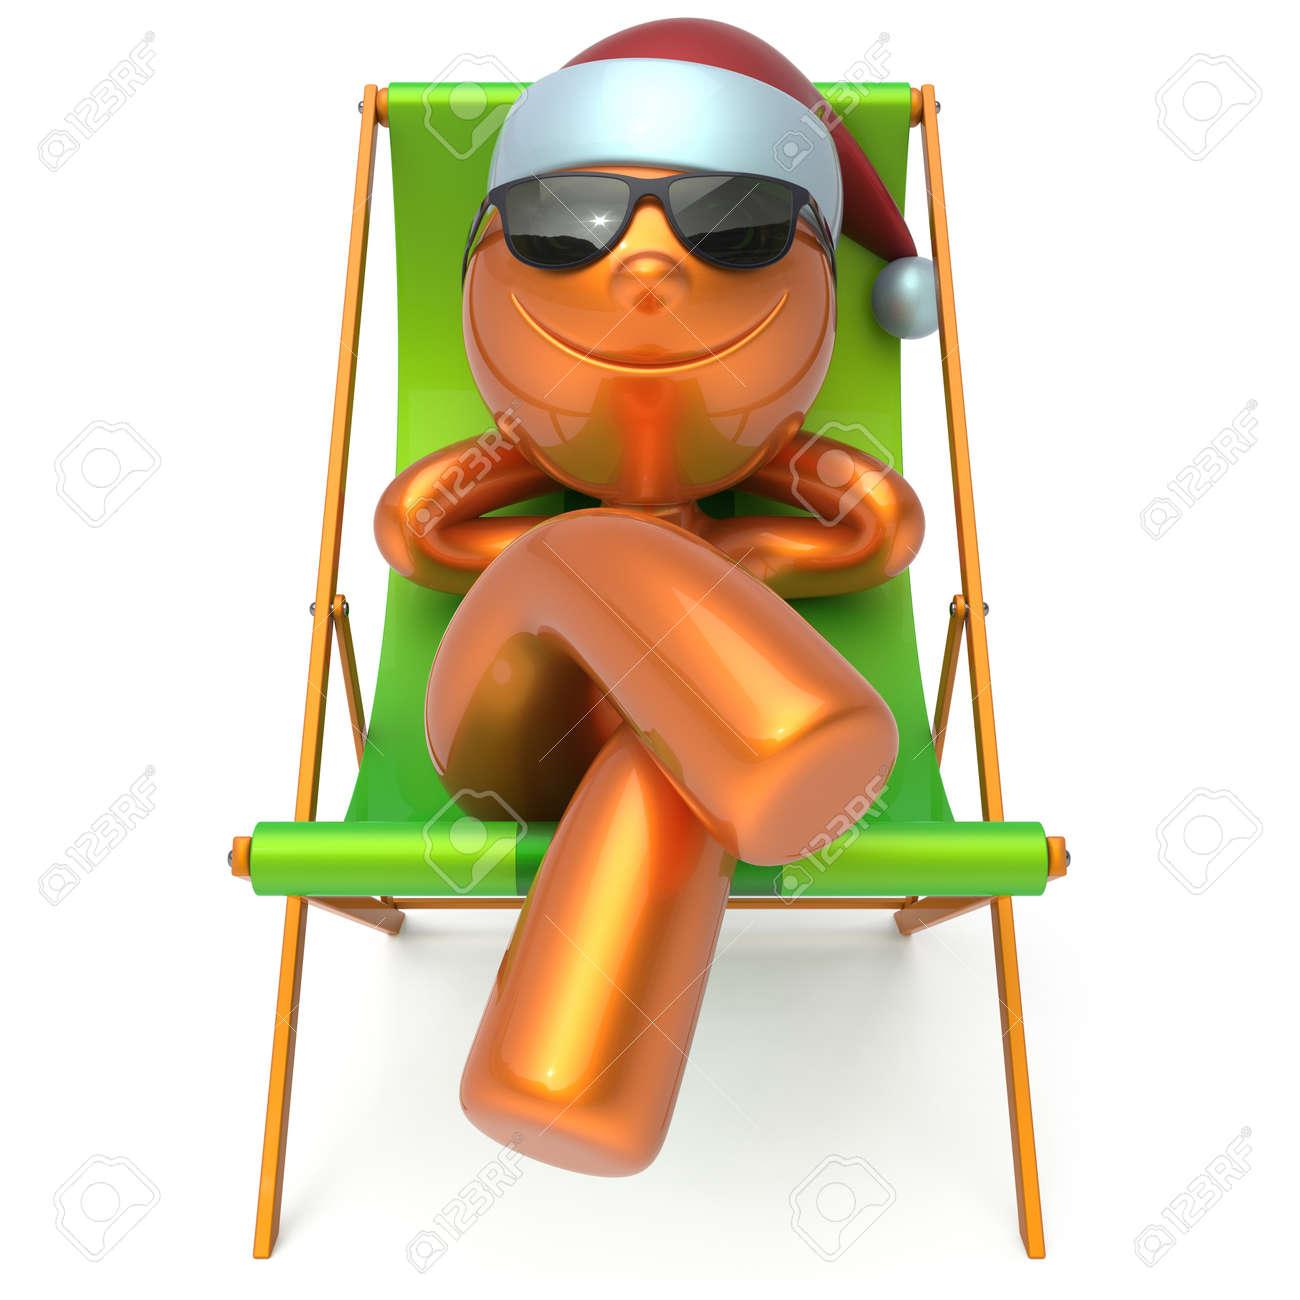 Man Silvester Frohe Weihnachten Smiley-Zeichen Sonnenbrille ...